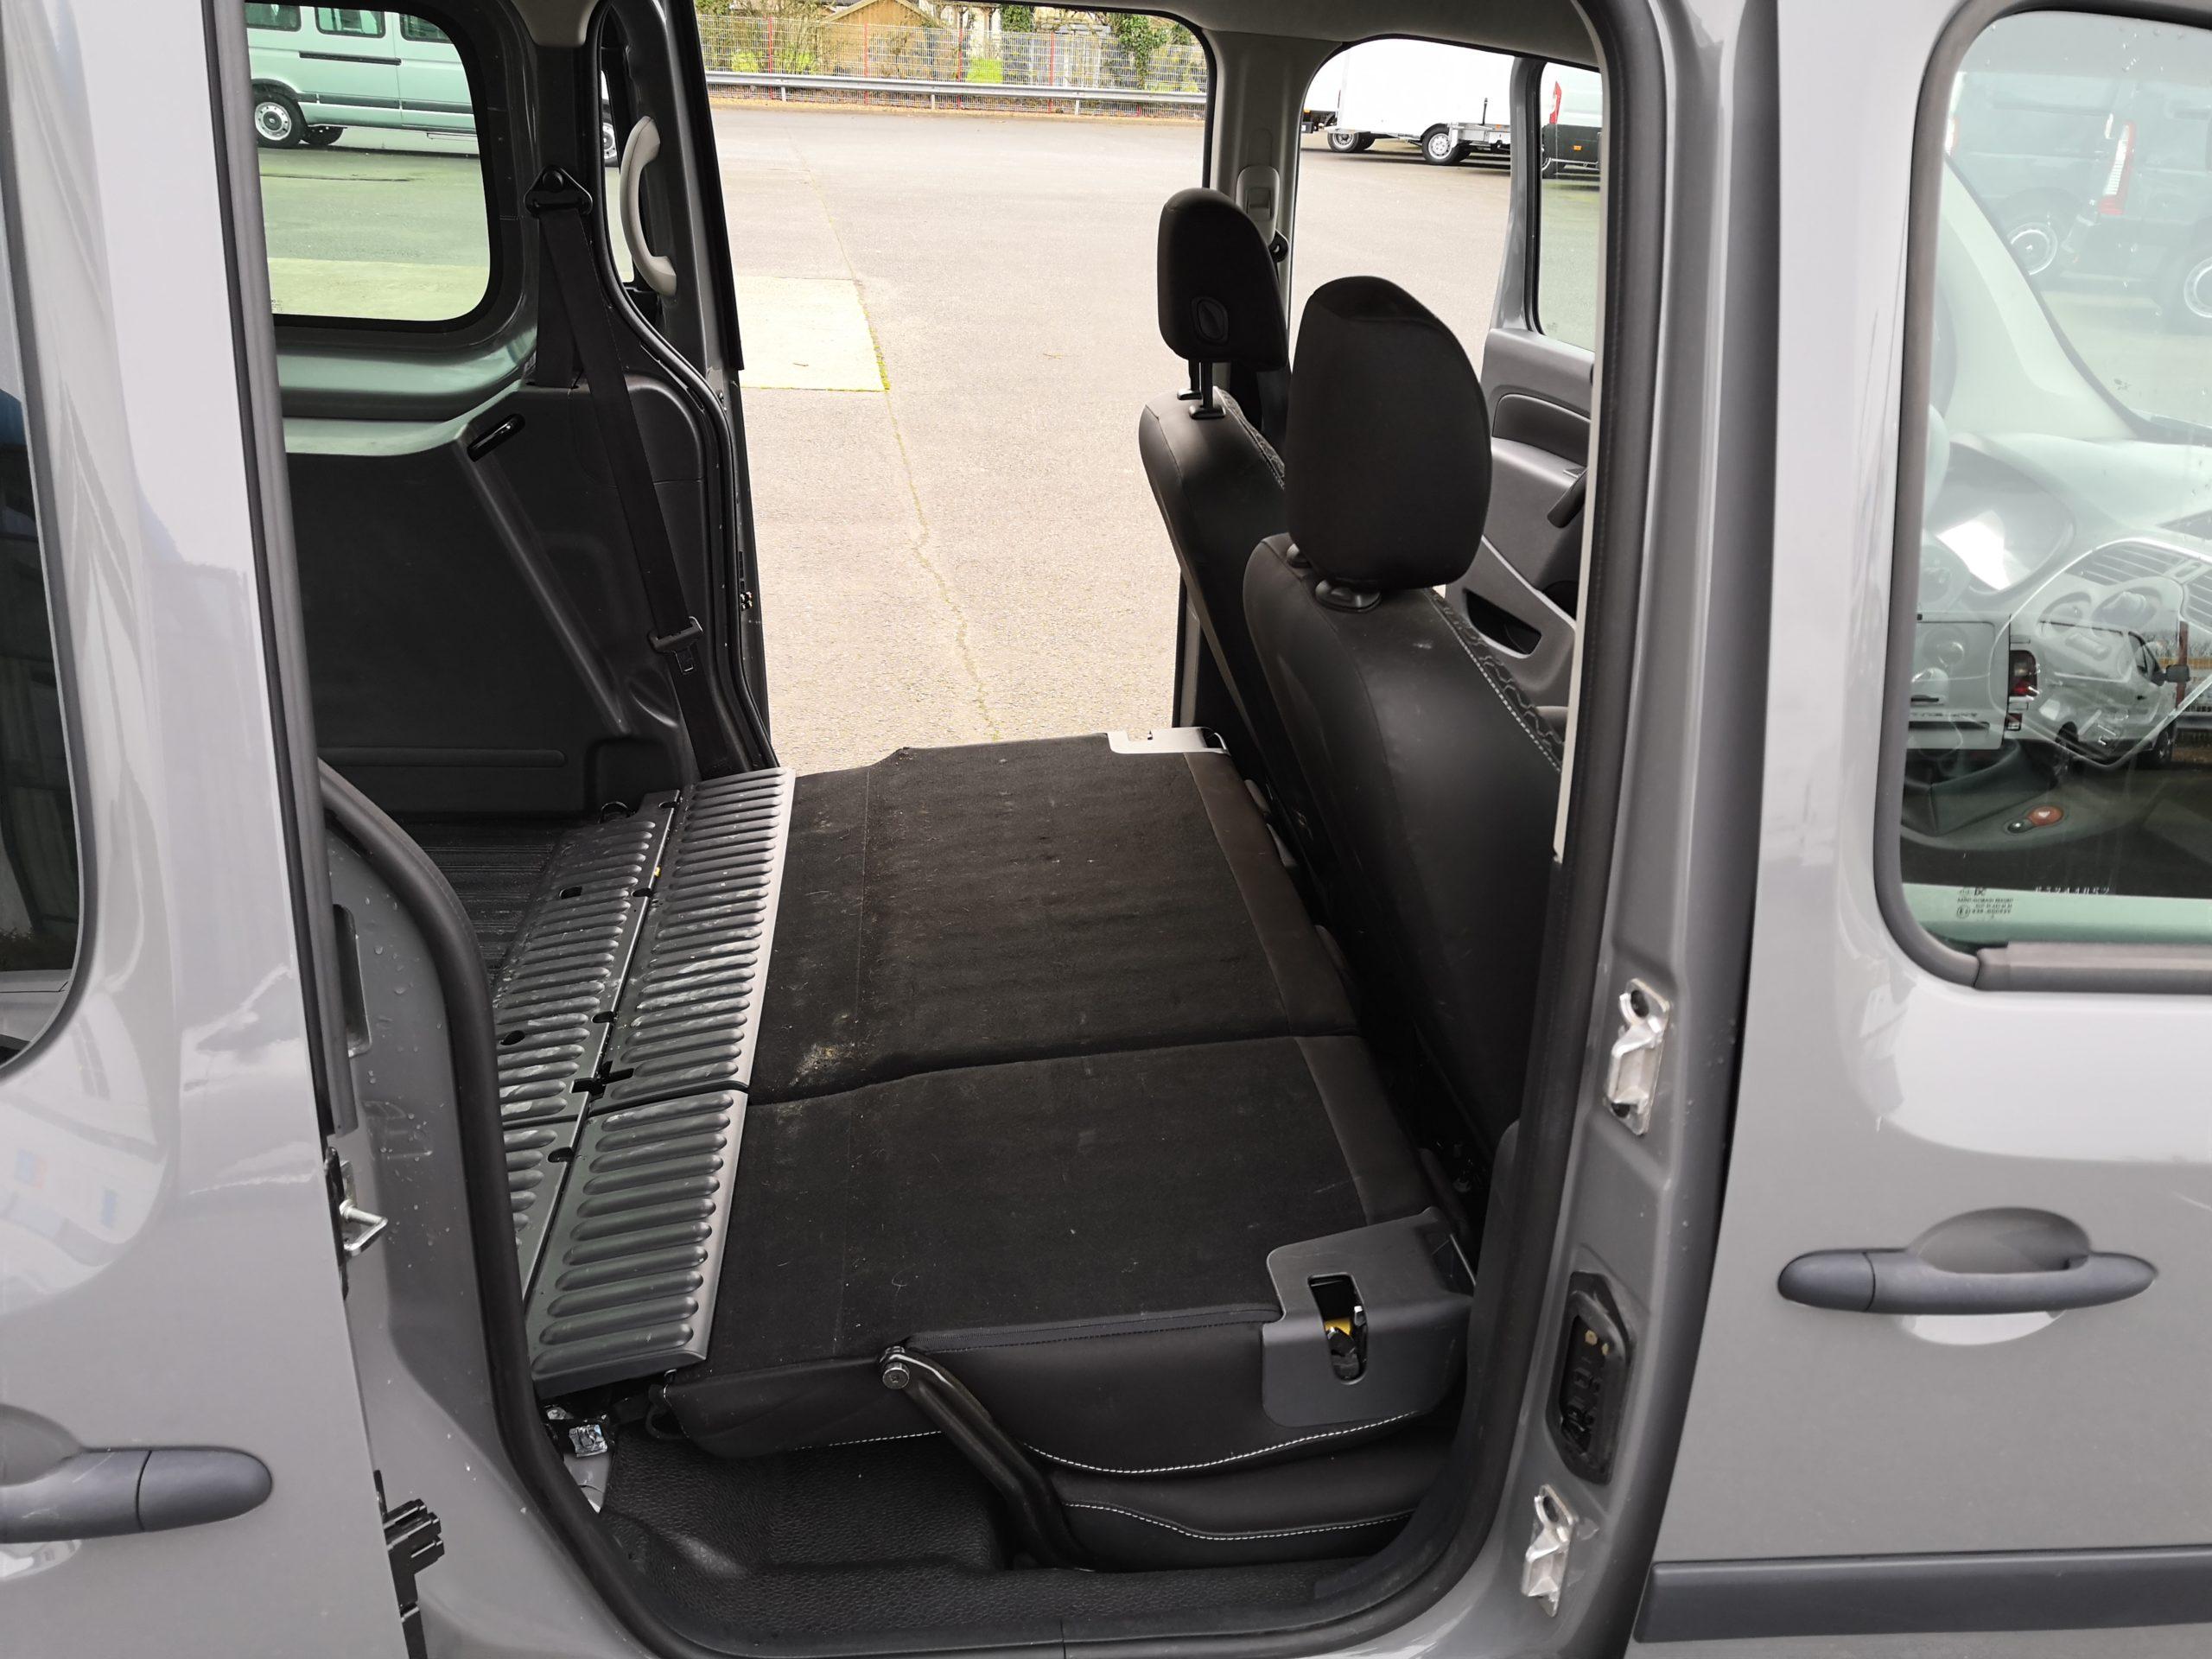 Location d'un utilitaire fourgonnette double cabine - Renault Kangoo -Vue6